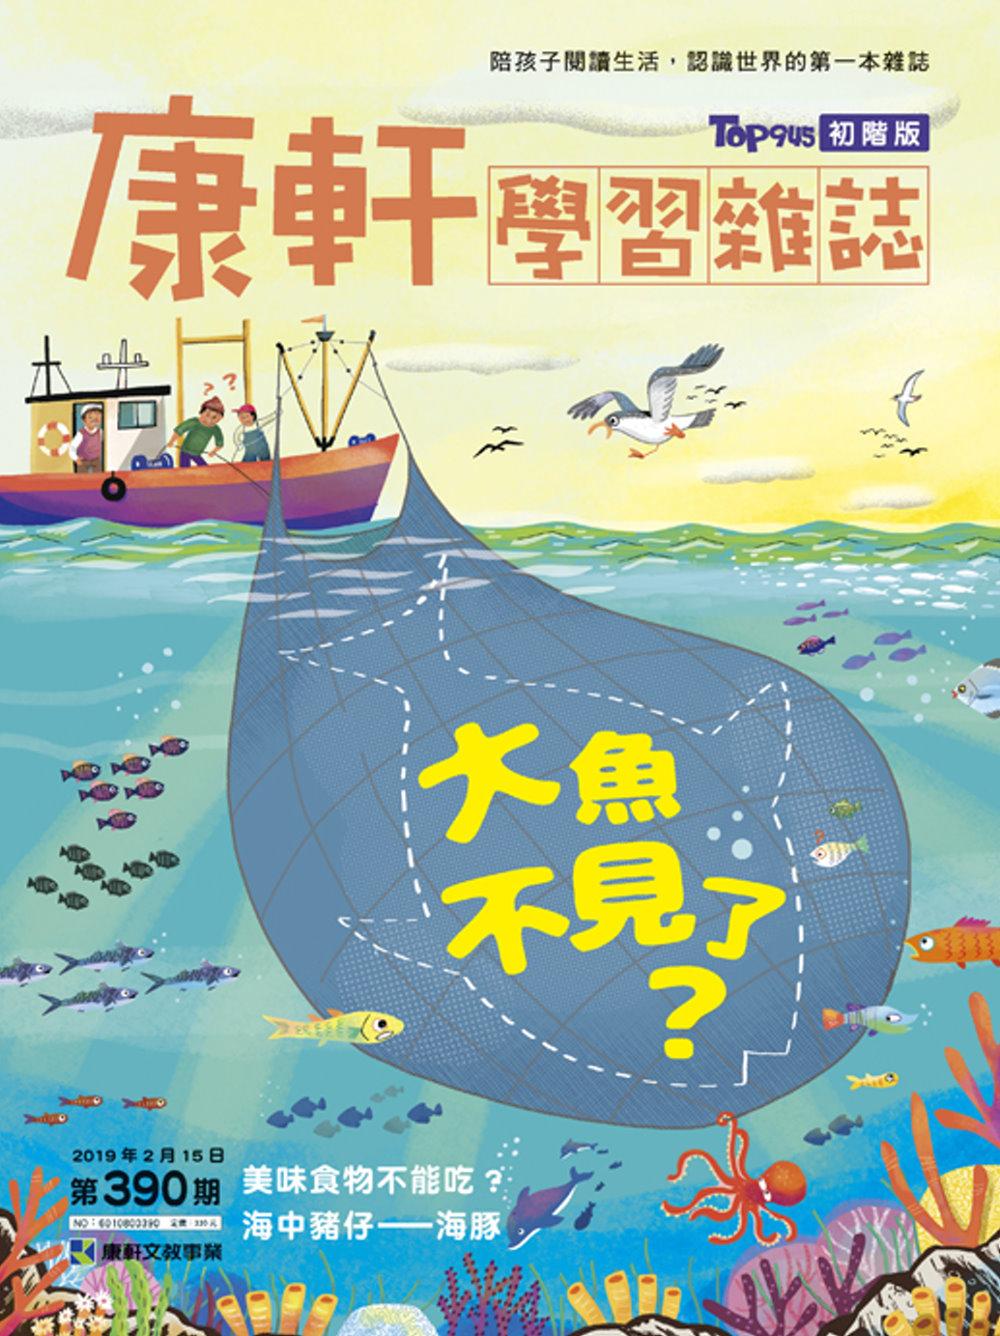 Top945康軒學習雜誌初階版 2019/2/15第390期